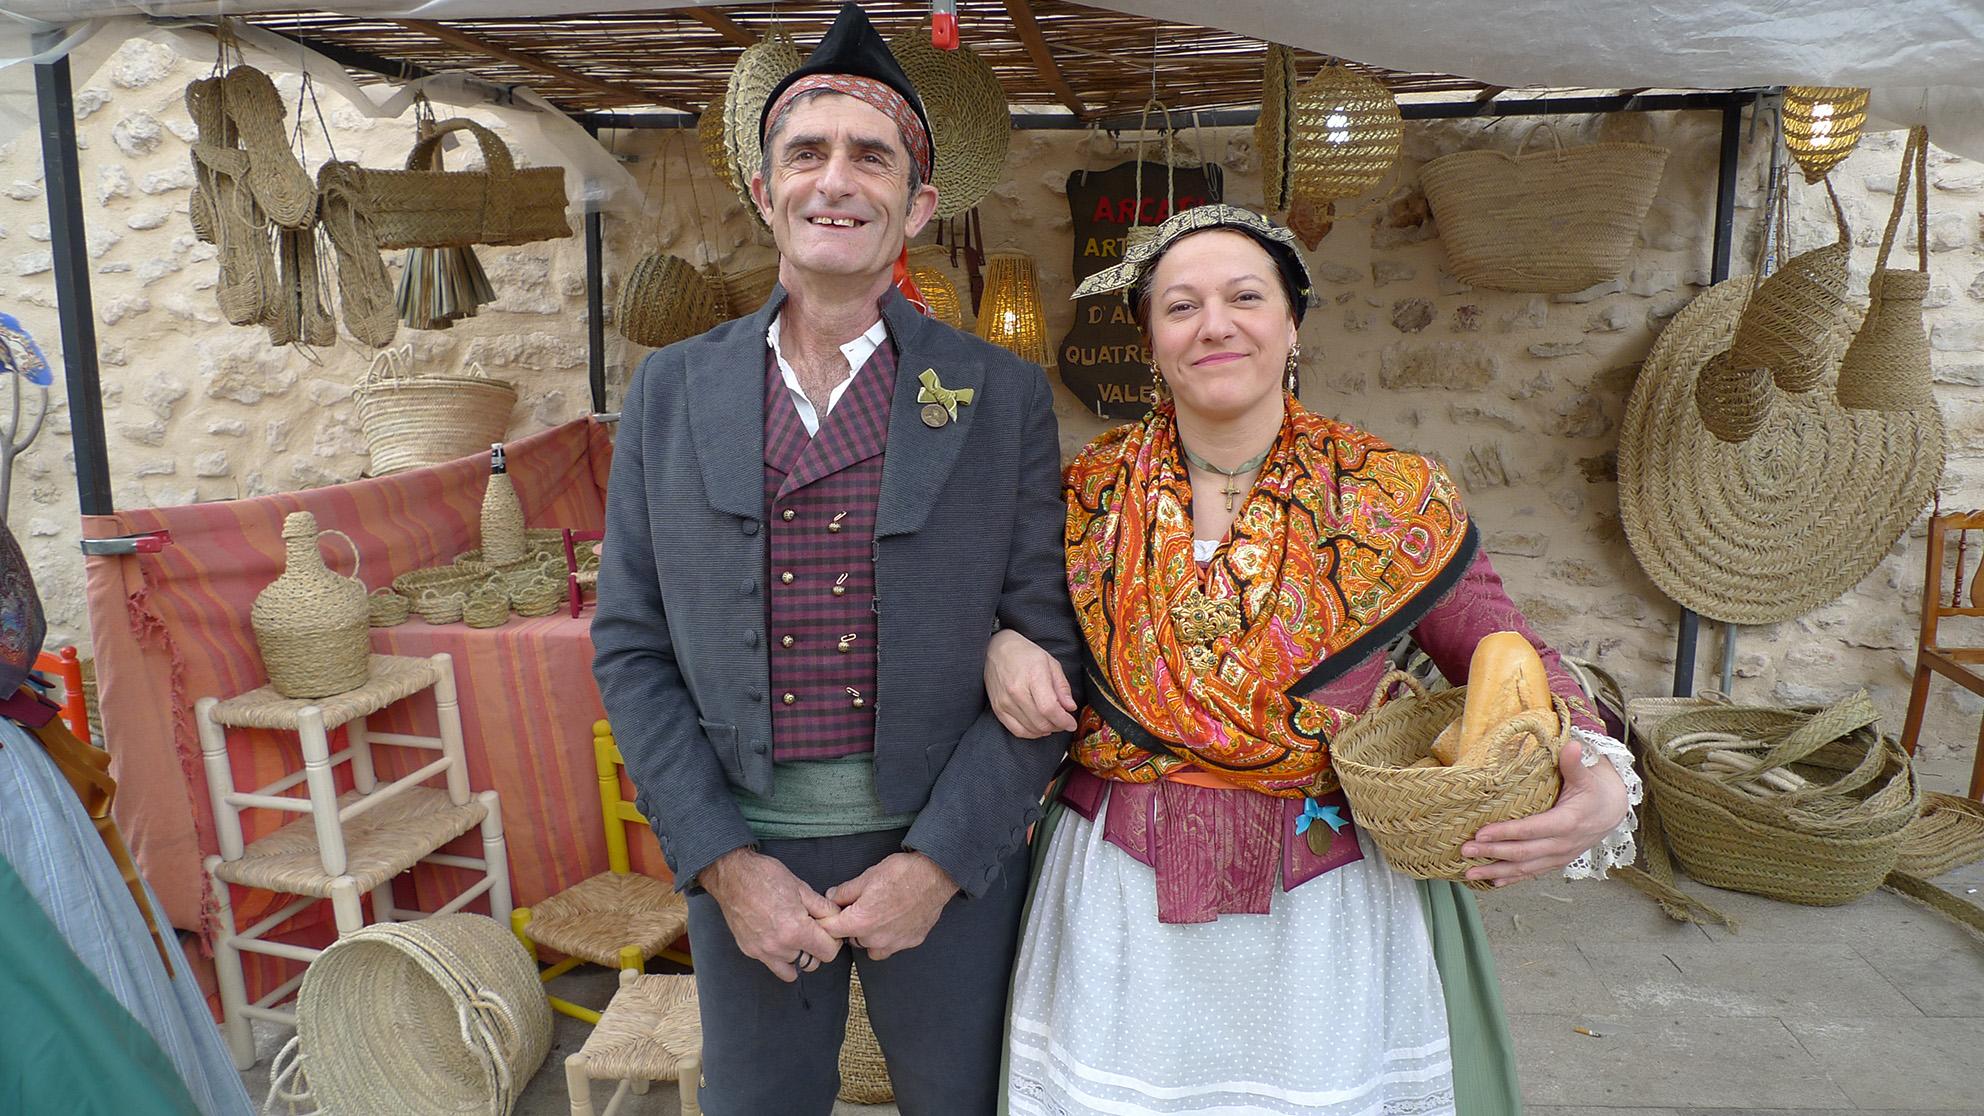 2015-02-21 Baladre al Porrat St Macia RotovaCAM (19)